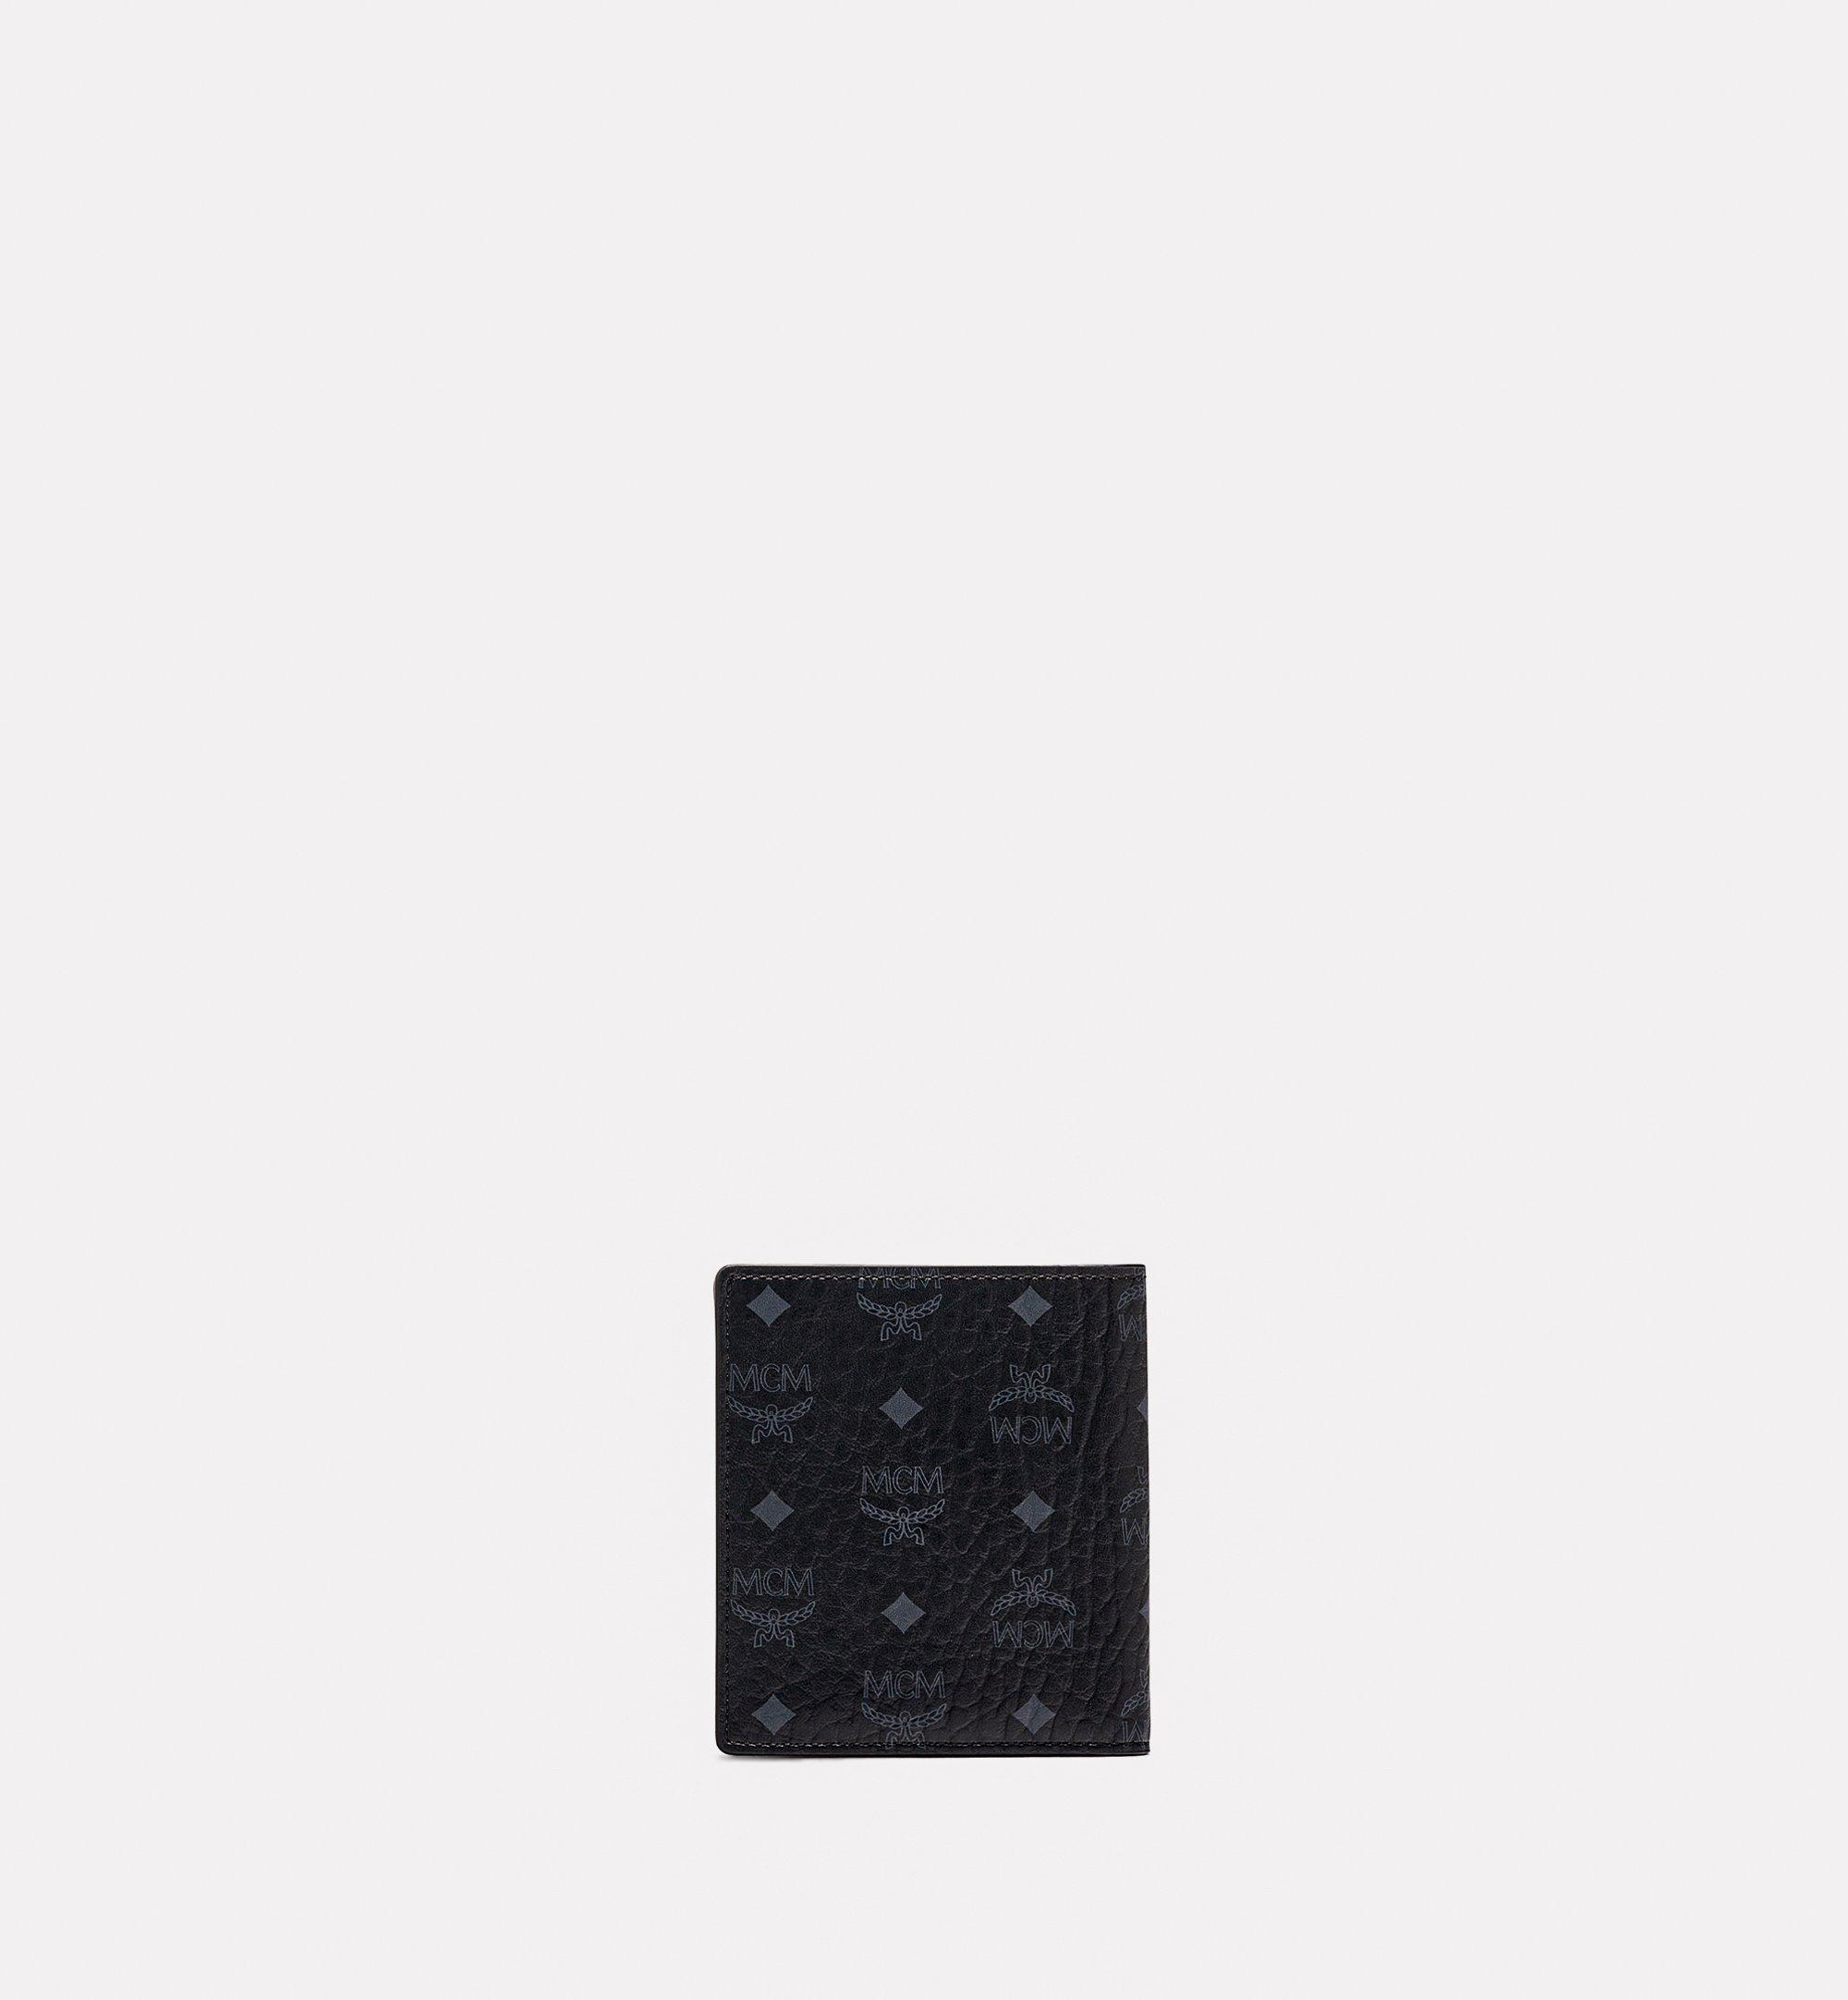 MCM 〈ヴィセトス オリジナル〉二つ折り カードウォレット Black MXABSVI01BK001 ほかの角度から見る 2